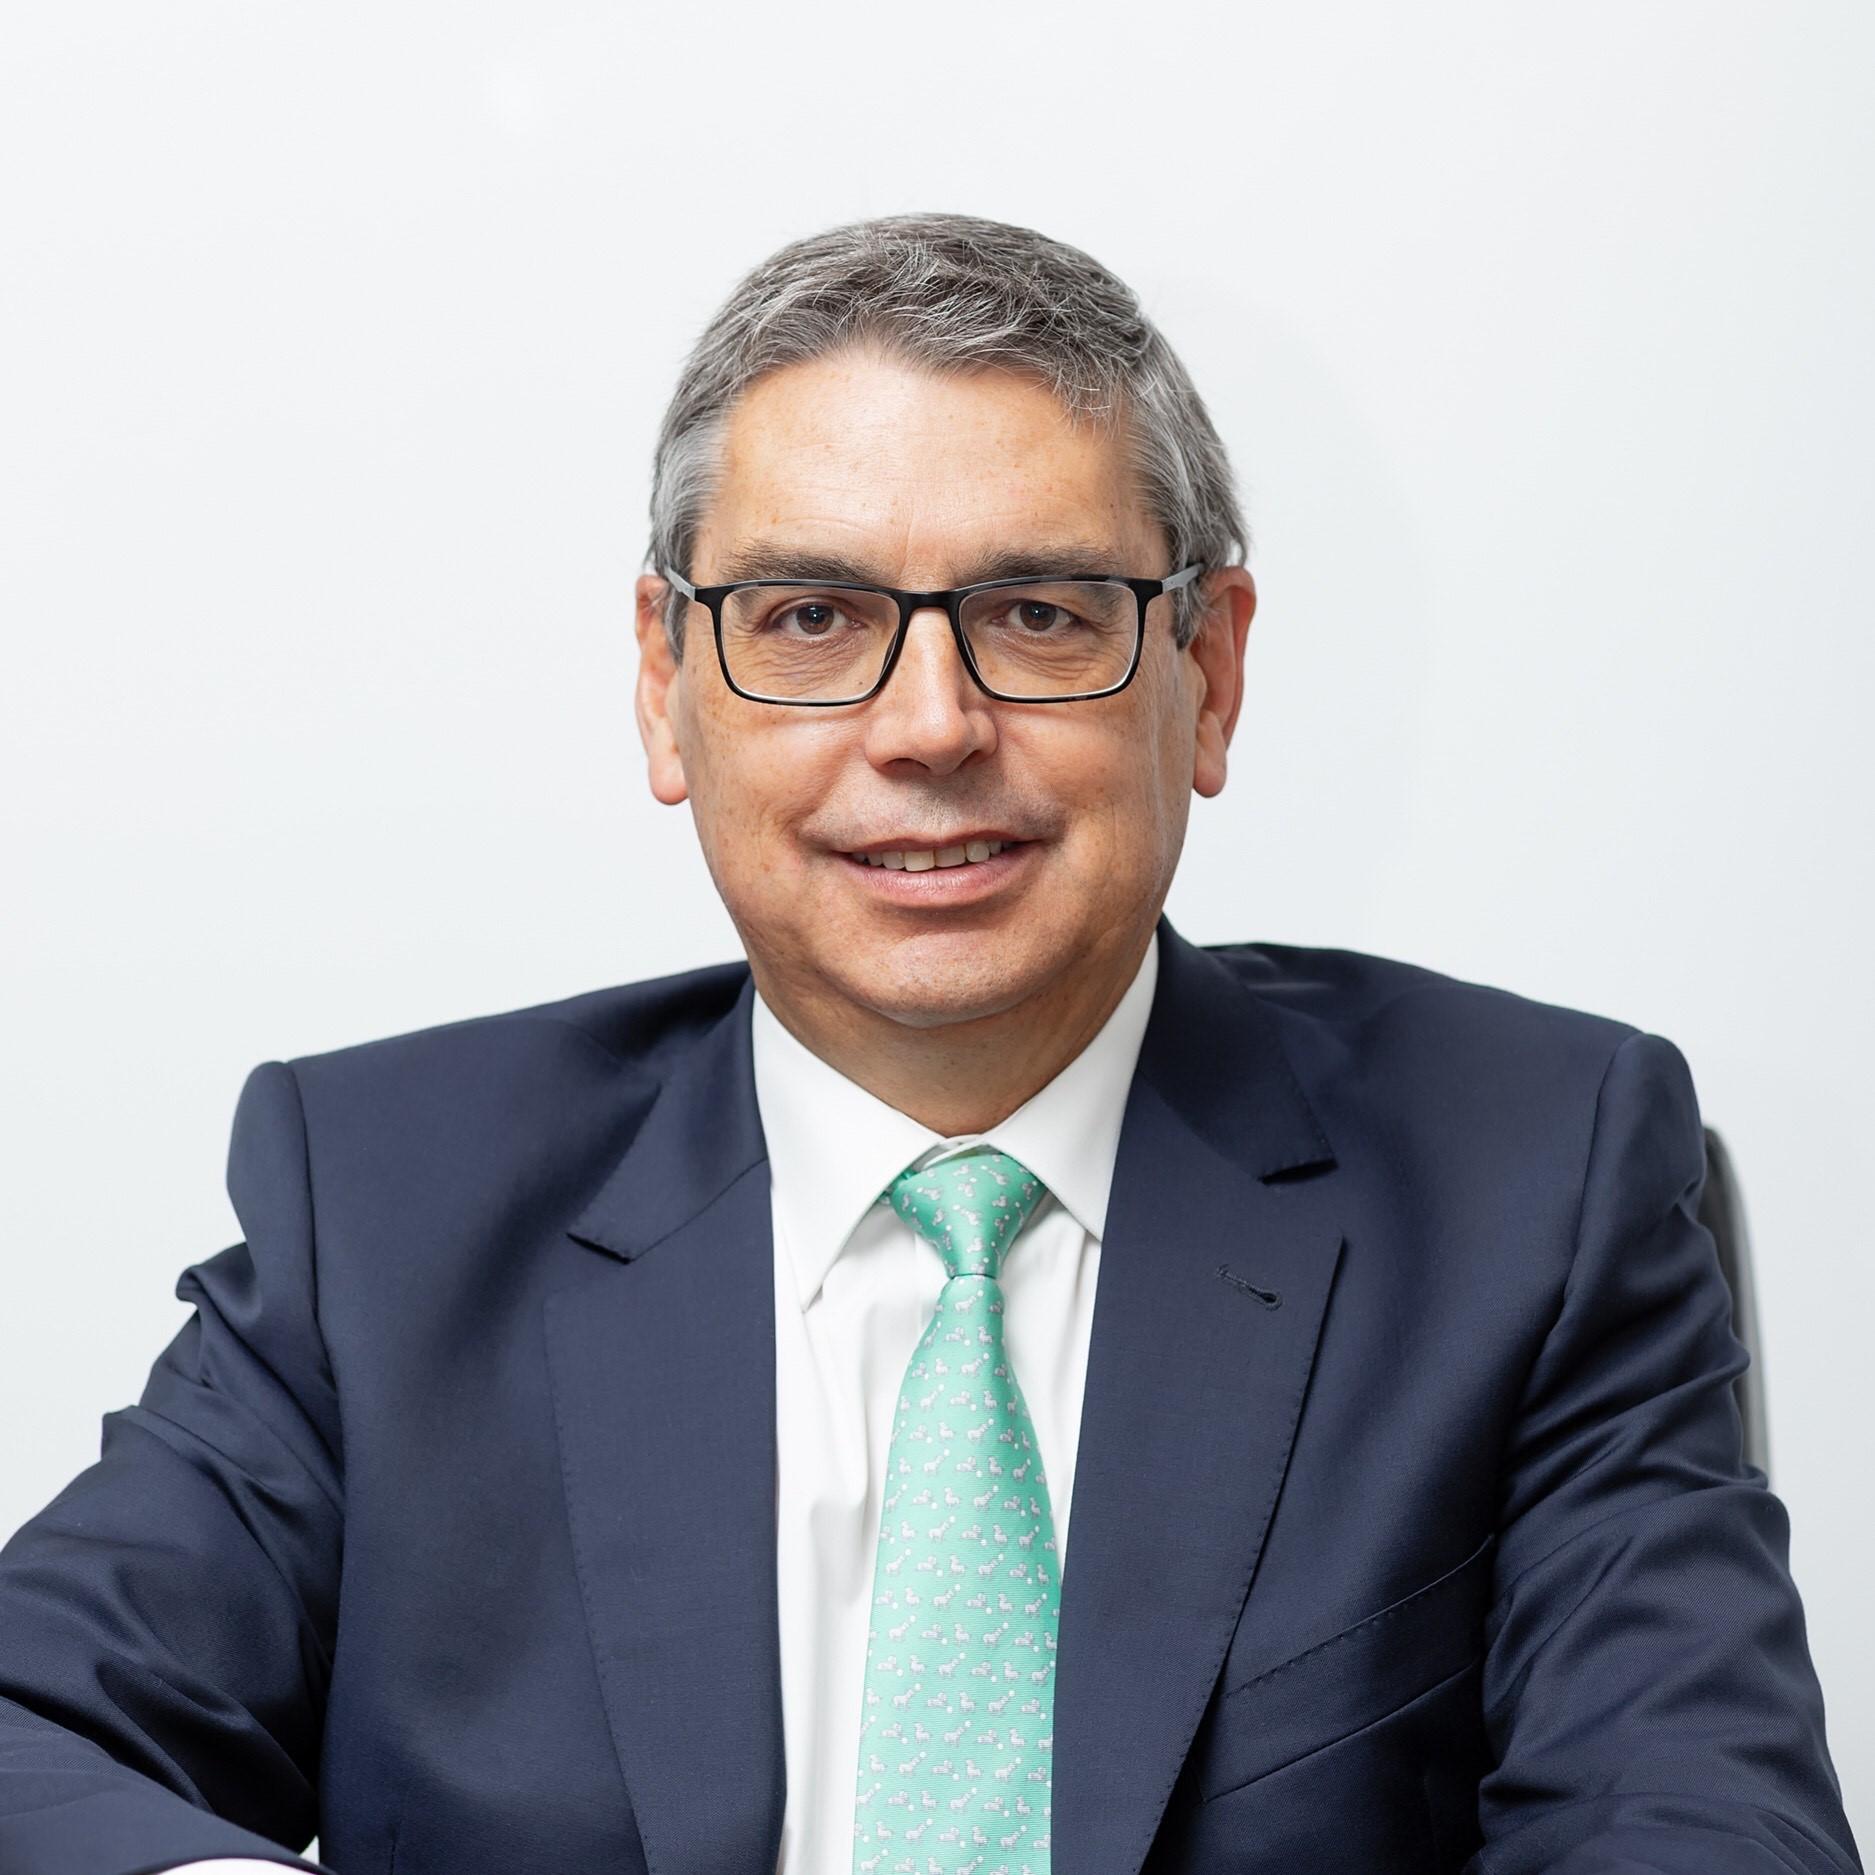 Joaquin de Hita